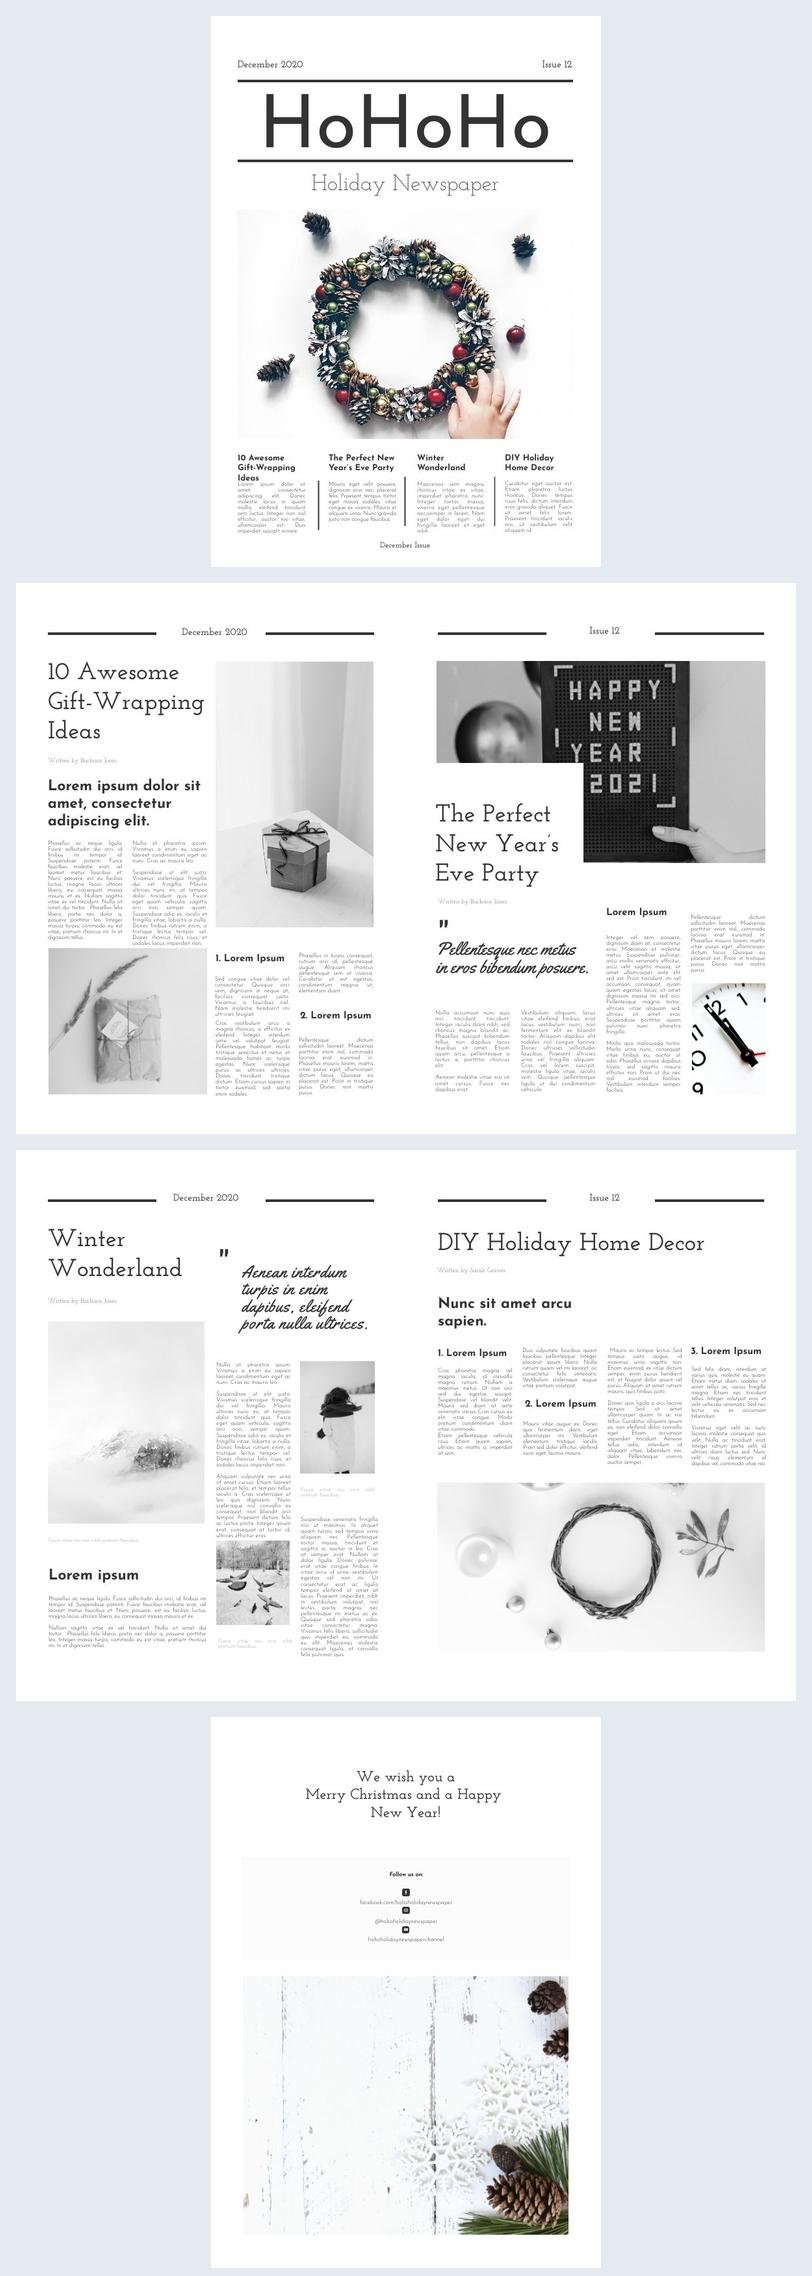 Beispiel-Design einer Feiertagszeitung